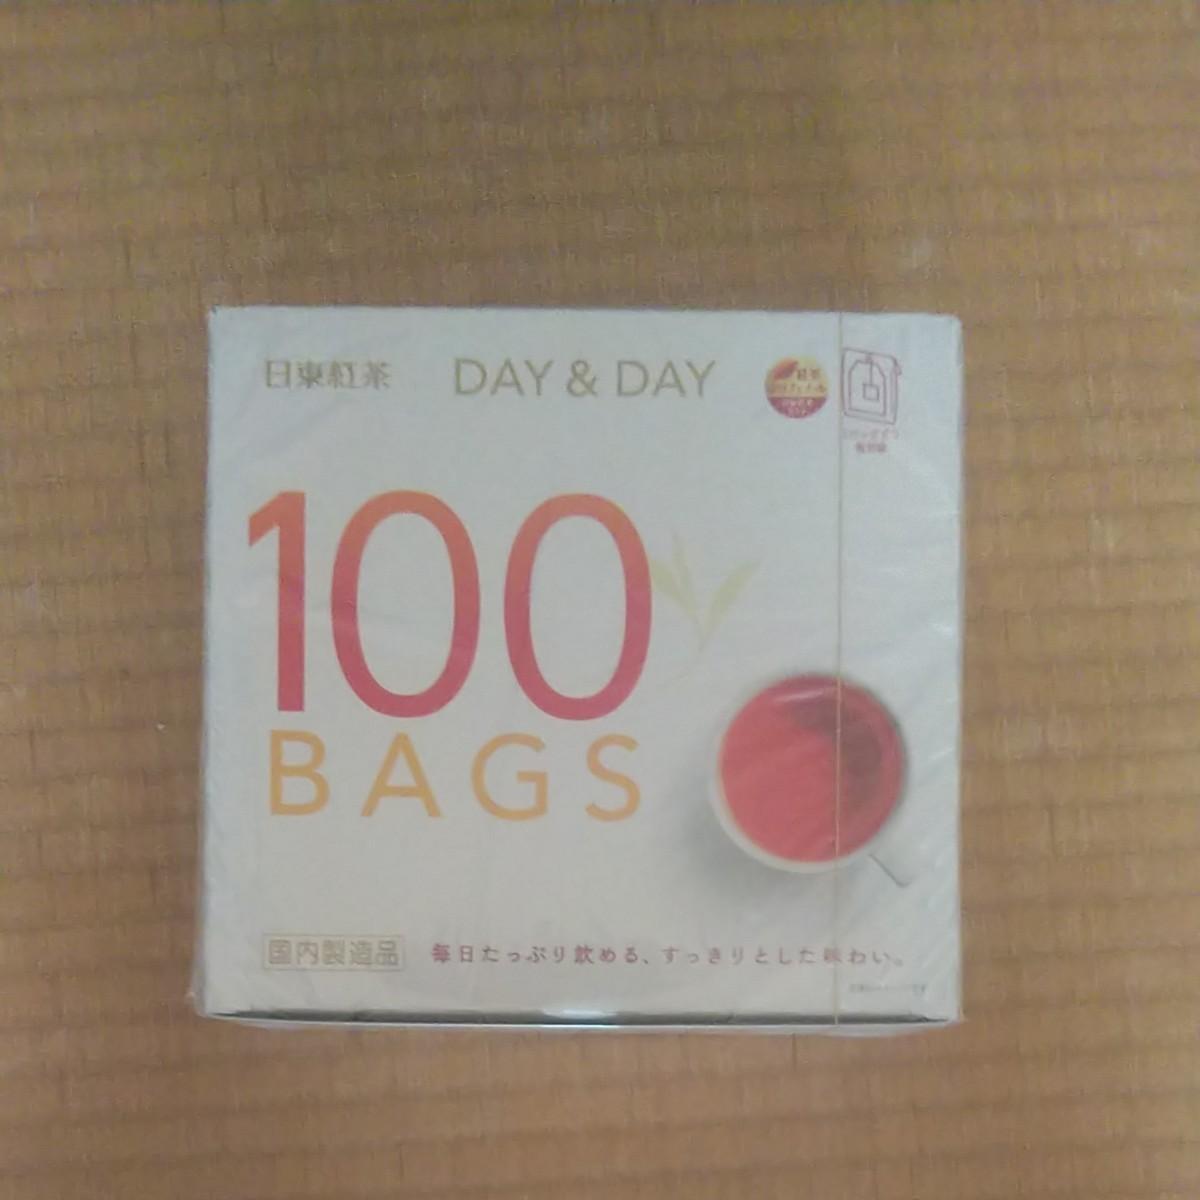 日東紅茶 デイ&デイ ティーバッグ 1箱 (100バッグ入)